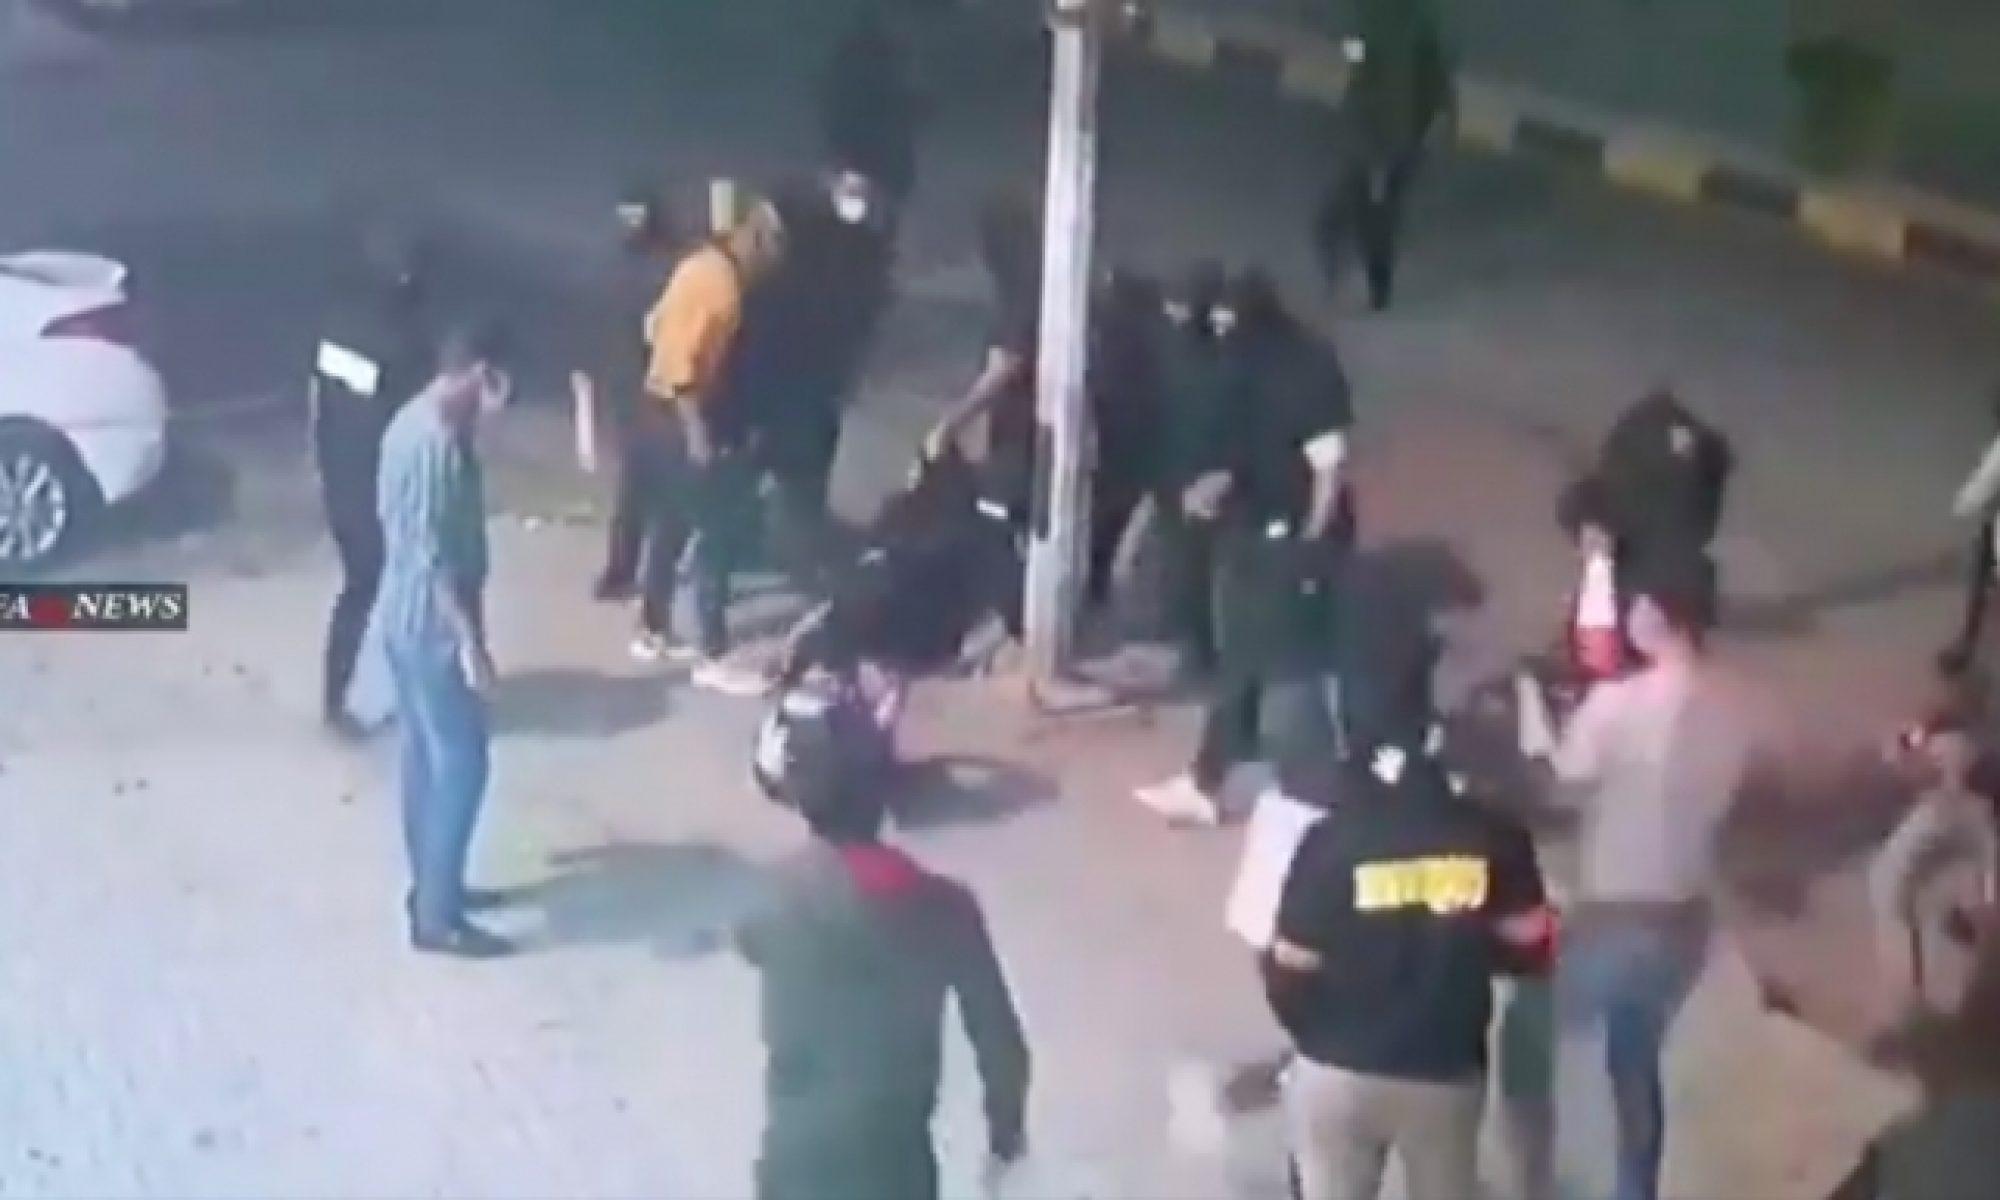 Bağdat'ta bir masaj salonuna saldıran Haşdi Şabi gurubu Rab'Allah'ın sicili temiz değil, Irak Hizbullahı, Bağdat, Asayiş, Akram Adhab , Dicle TV, PDK Börosunun yakılması